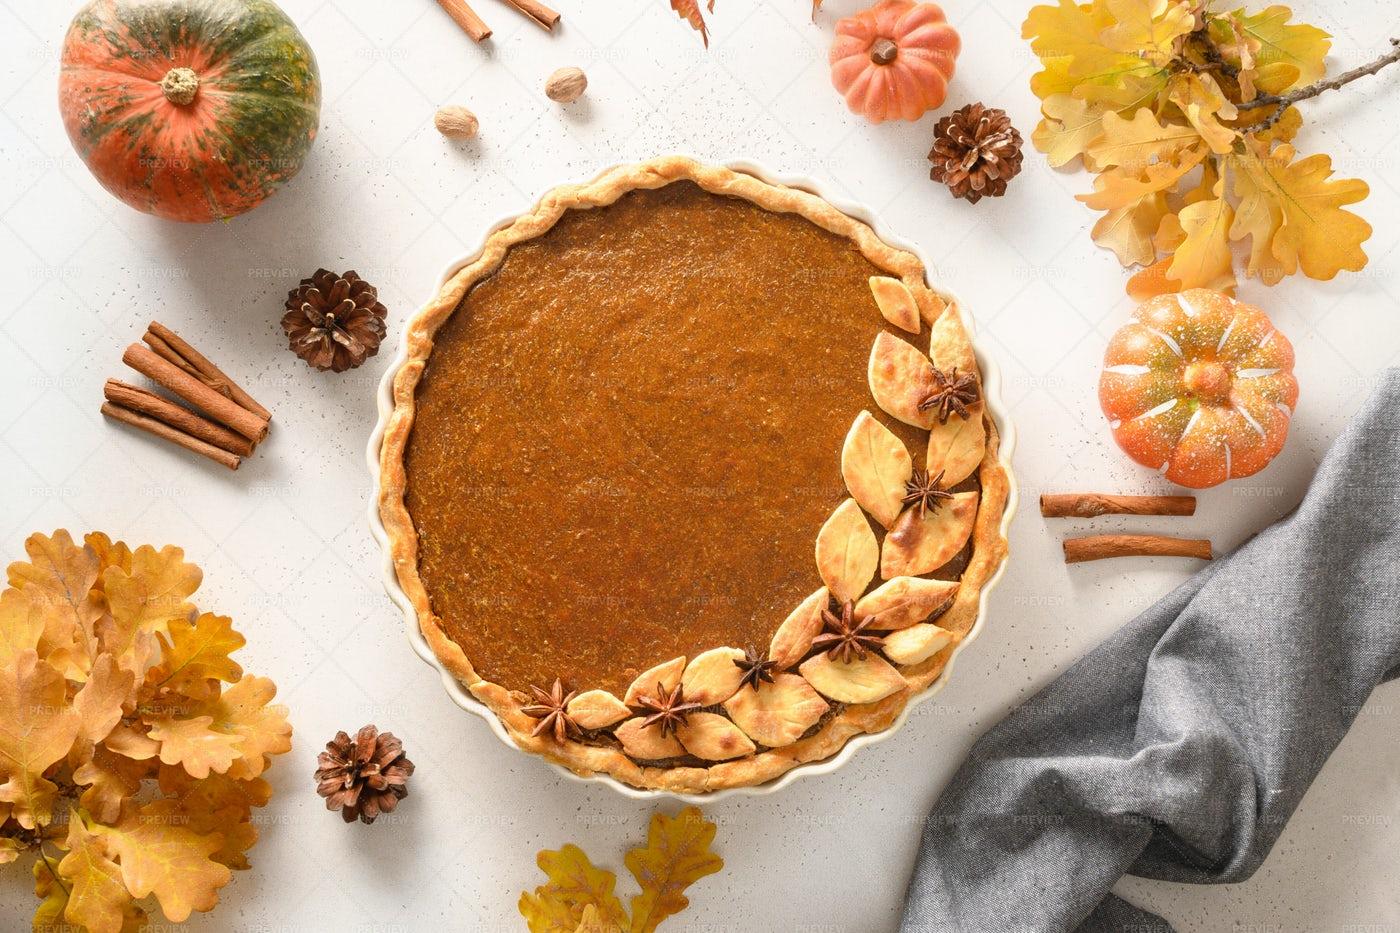 Tasty Autumn Pumpkin Pie: Stock Photos